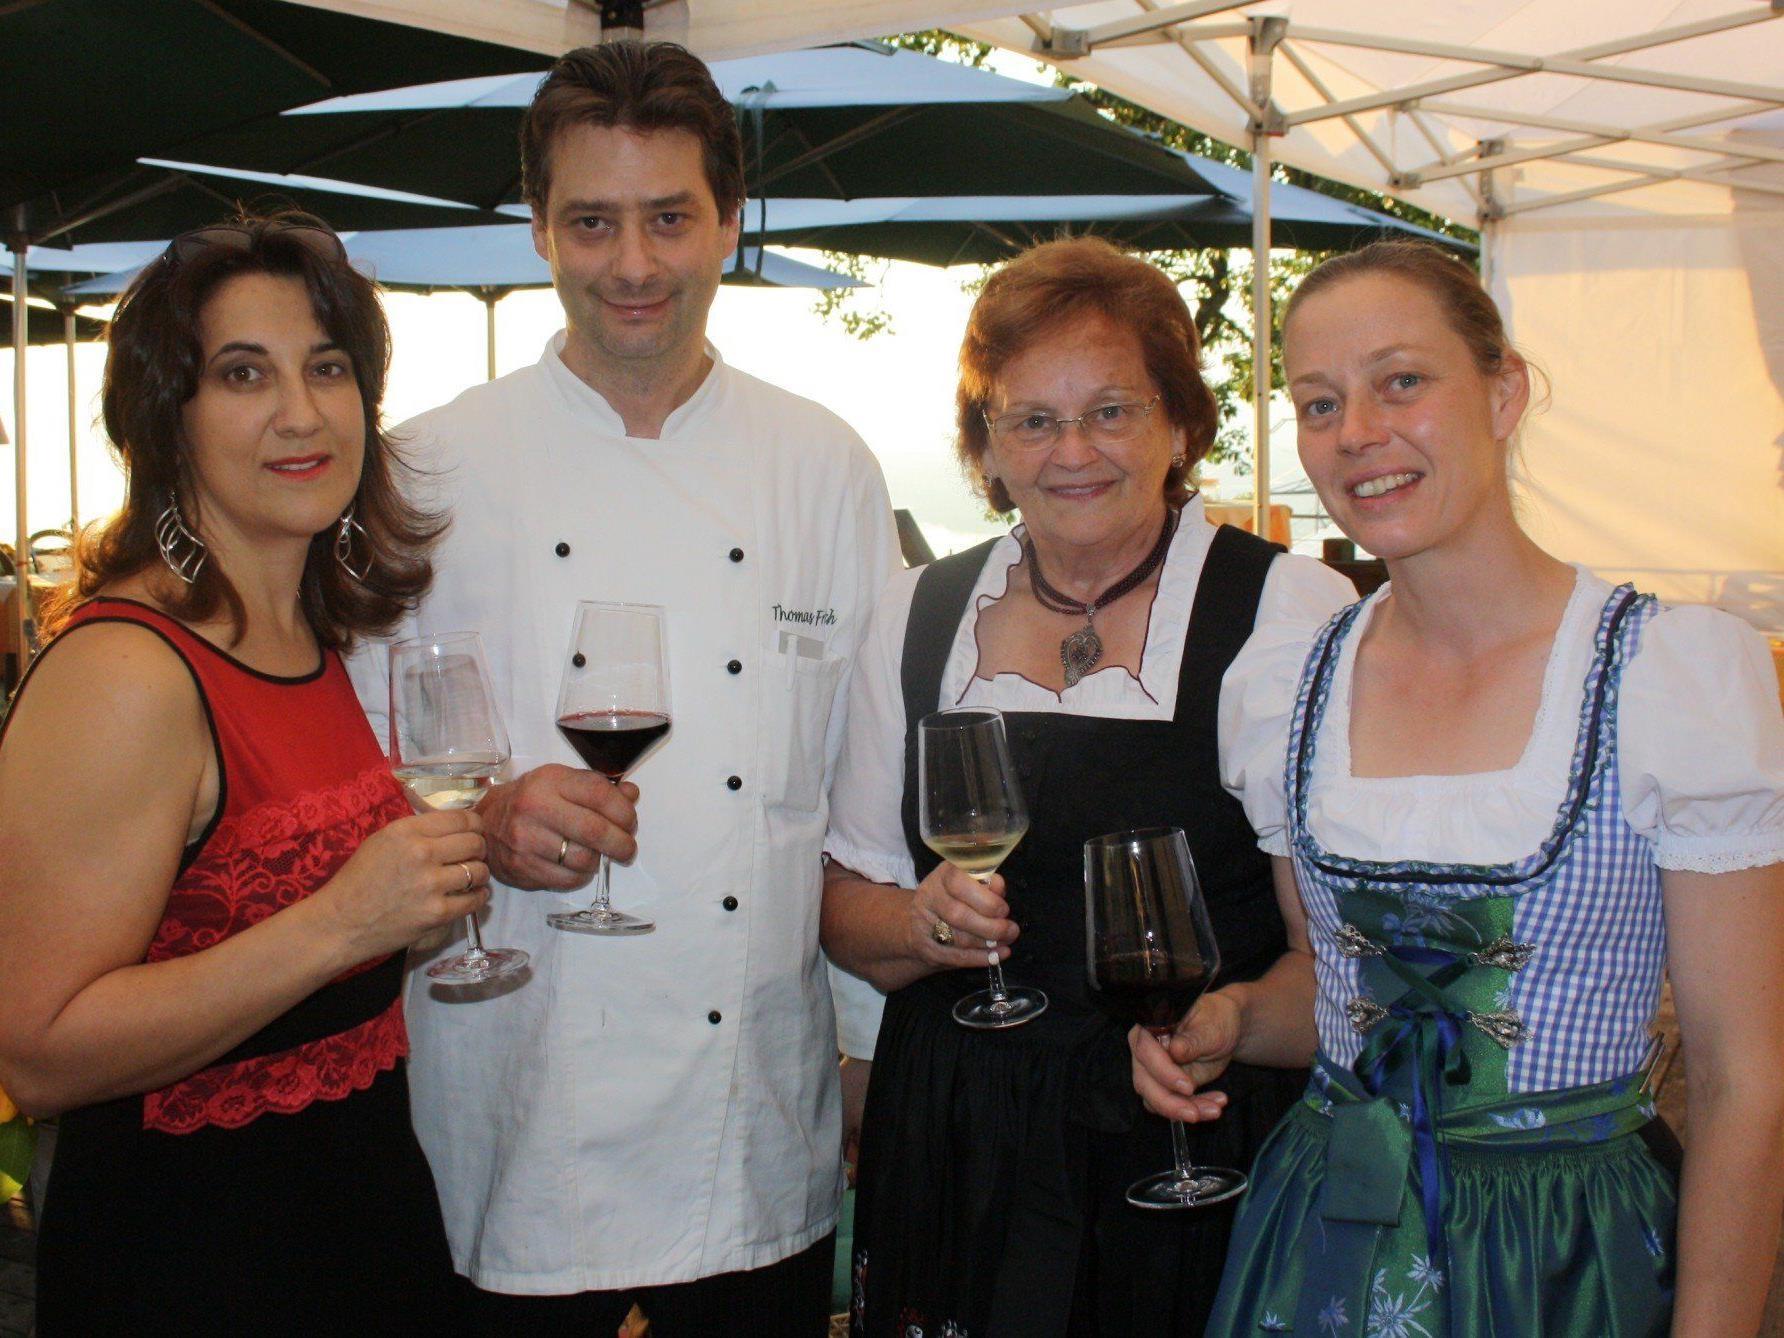 Diana Sicher-Fritsch, Thomas Fritsch, Seniorchefin Resi Fritsch und Beate Fritsch als bewährte Gastgeber beim traditionellen Weinfest im Berggasthof.